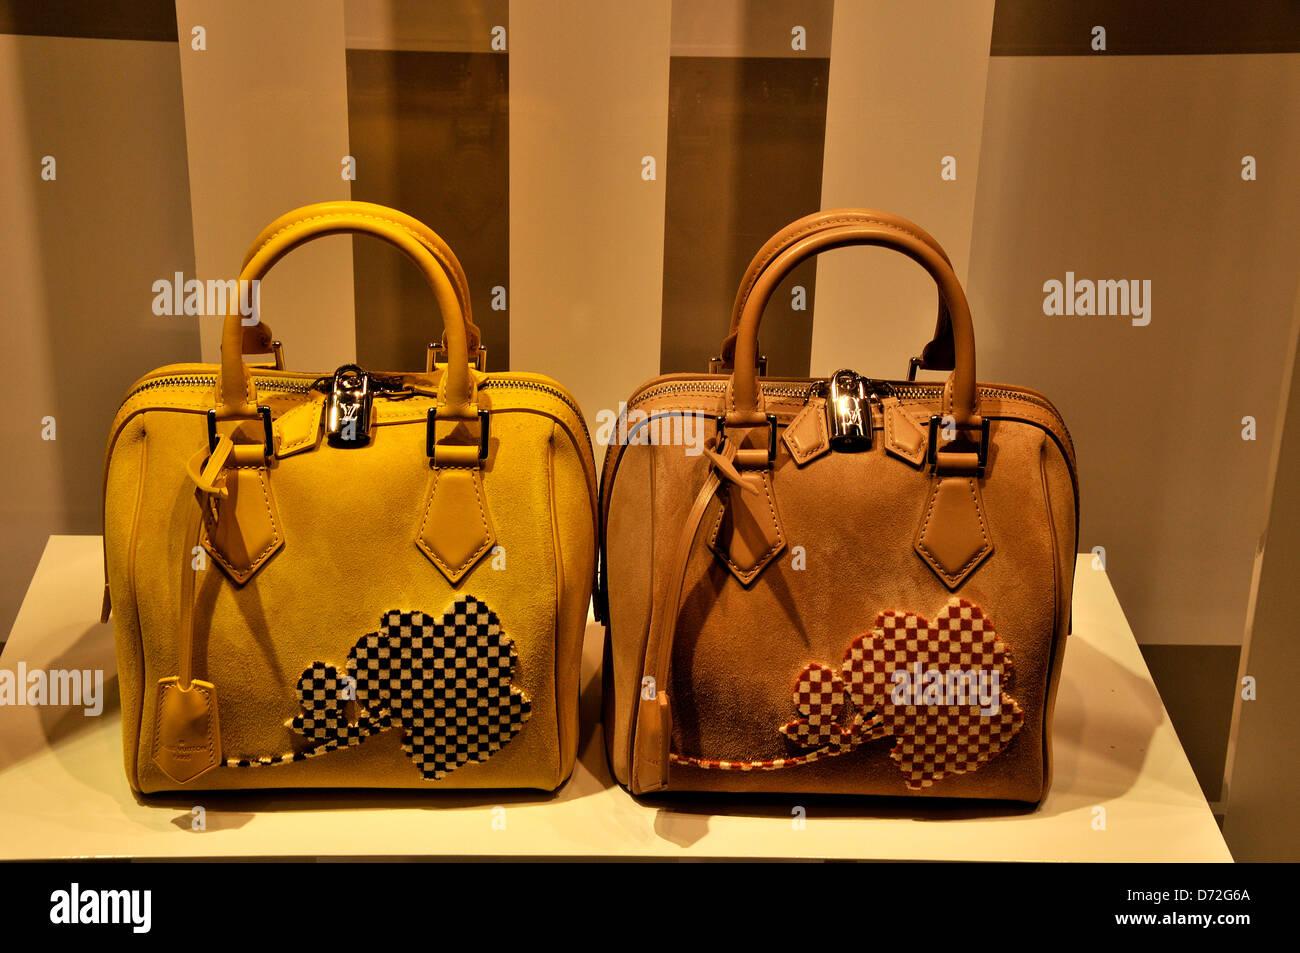 3e3a67f750a31 Louis Vuitton Frau Handtasche im Fenster des LV-Boutique in der Dubai mall